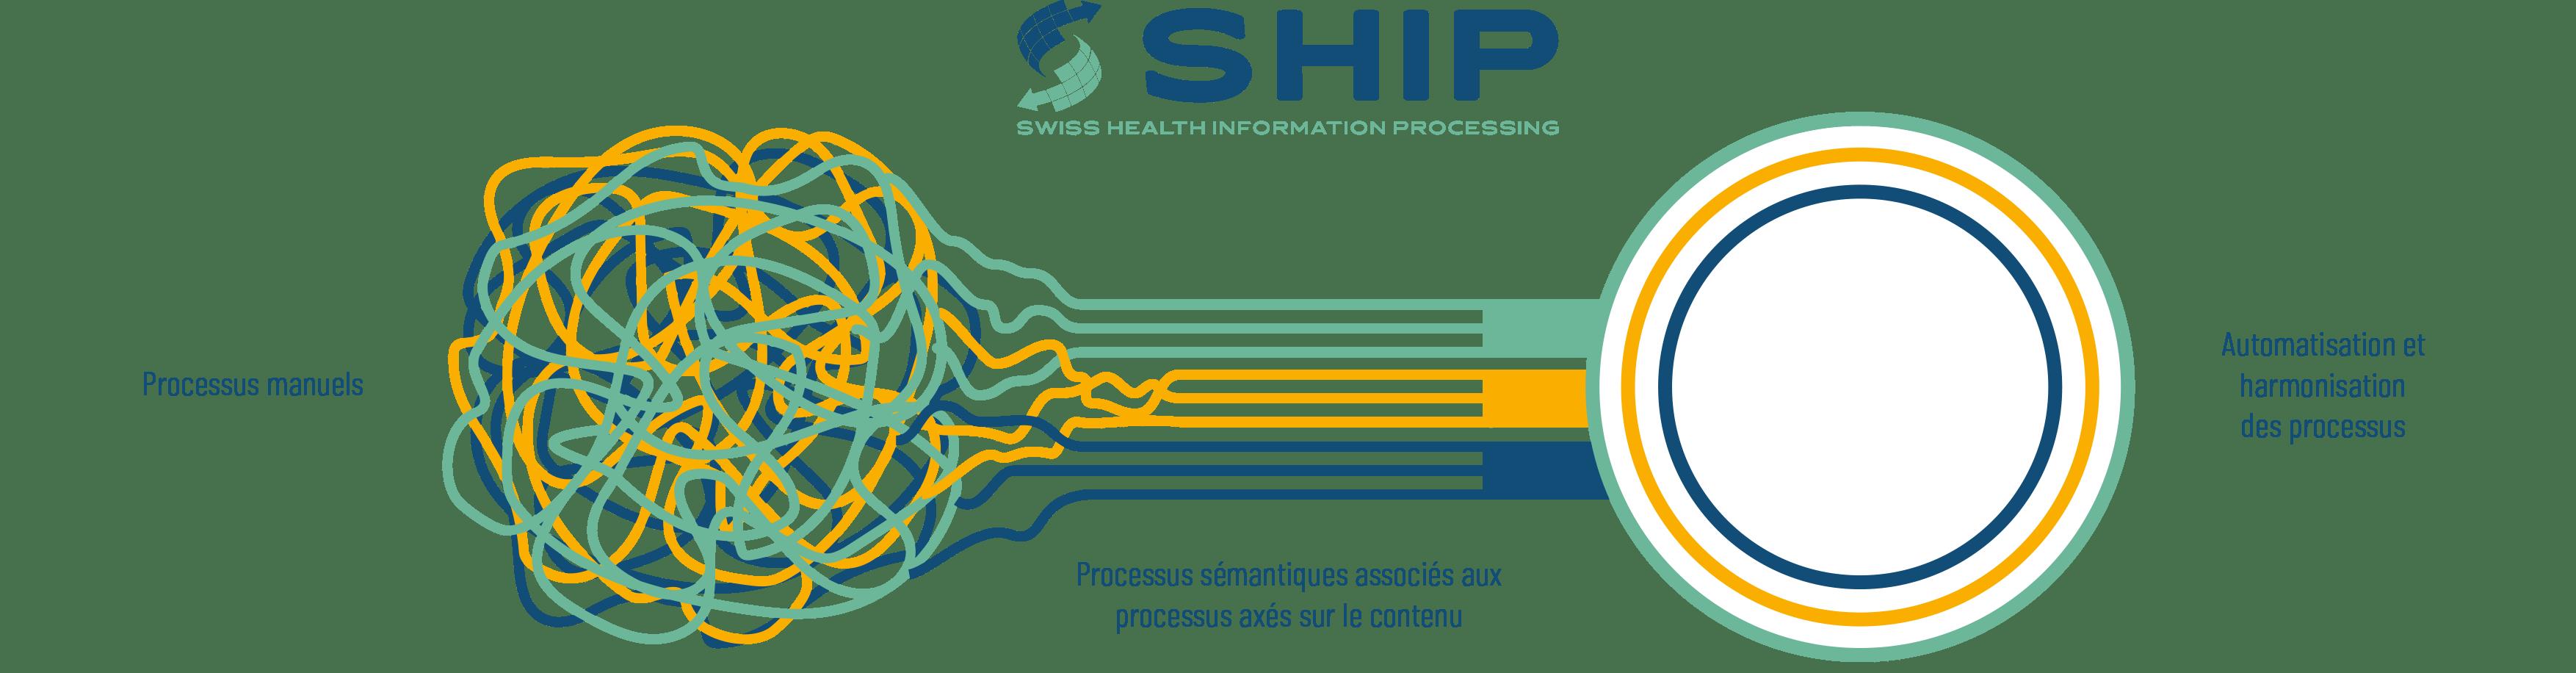 SHIP est LA solution